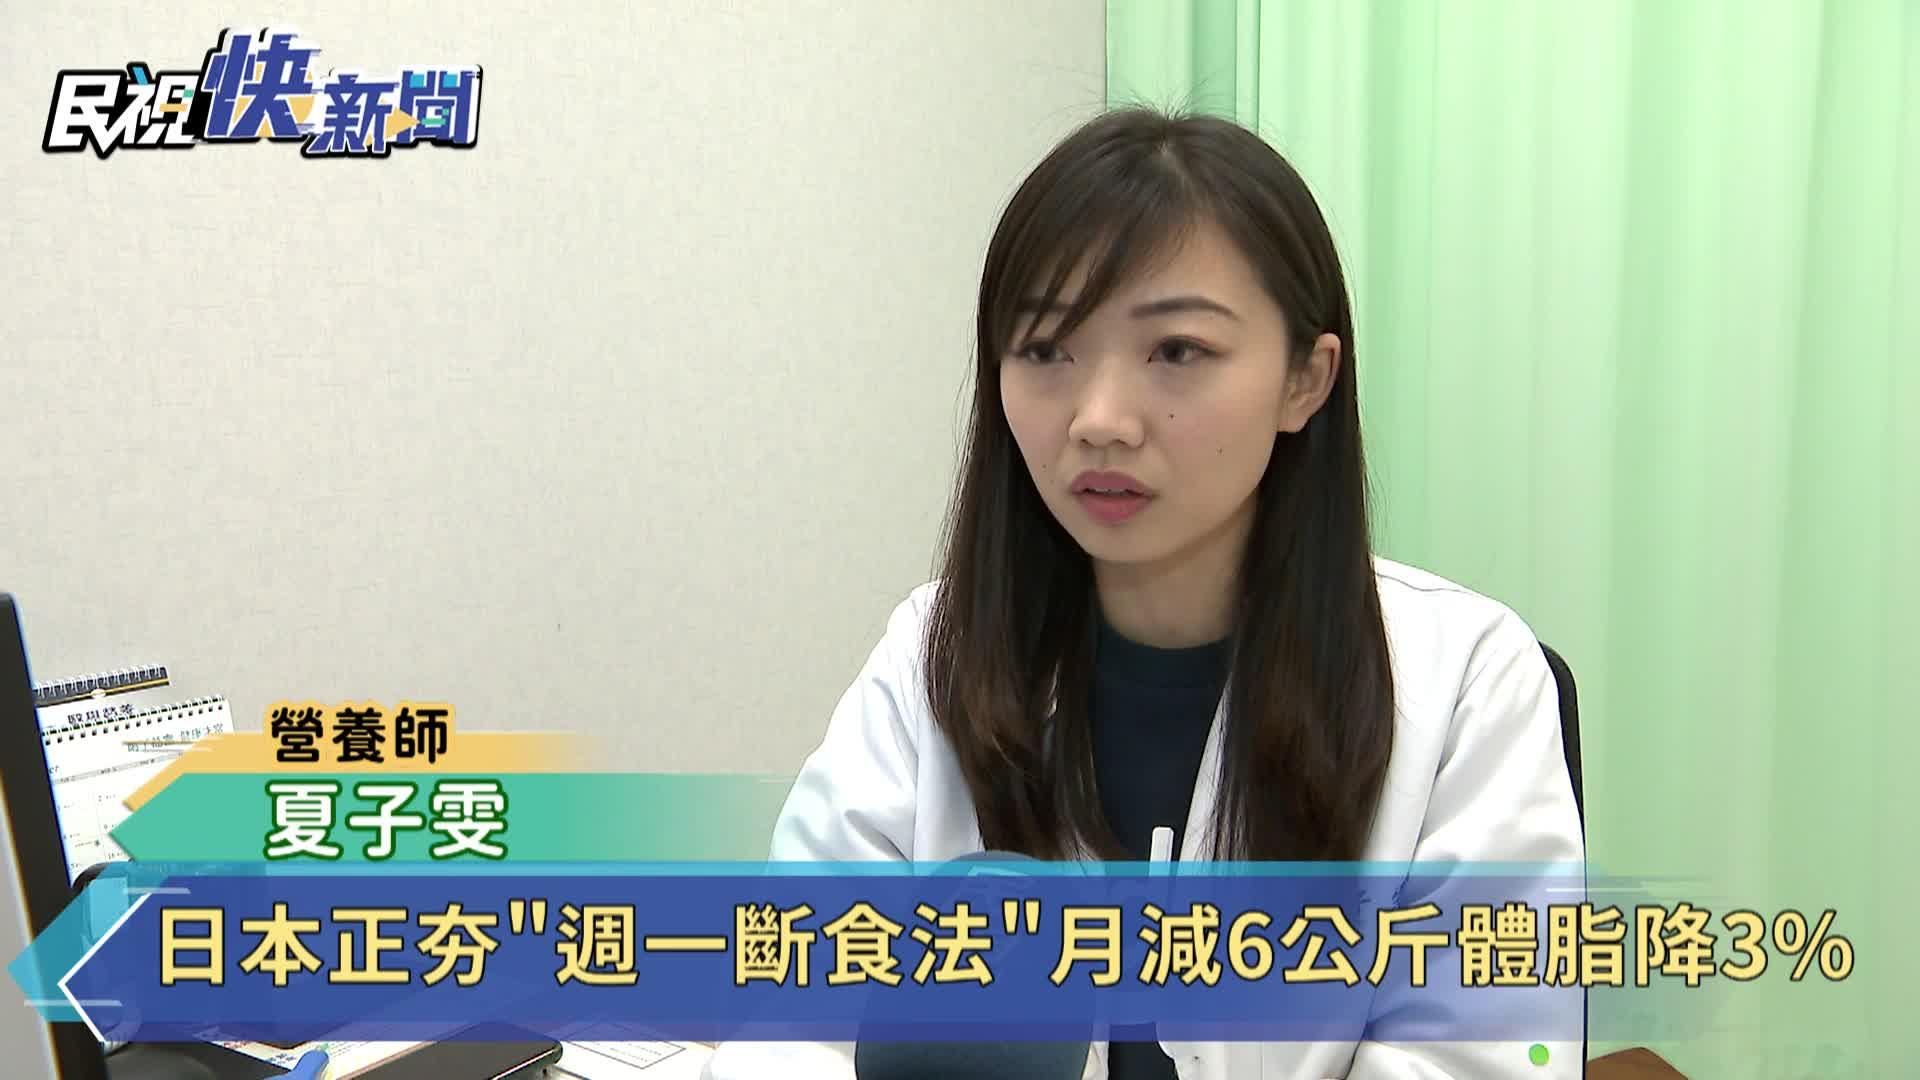 日本正夯「週一斷食法」 月減6公斤體脂降3%